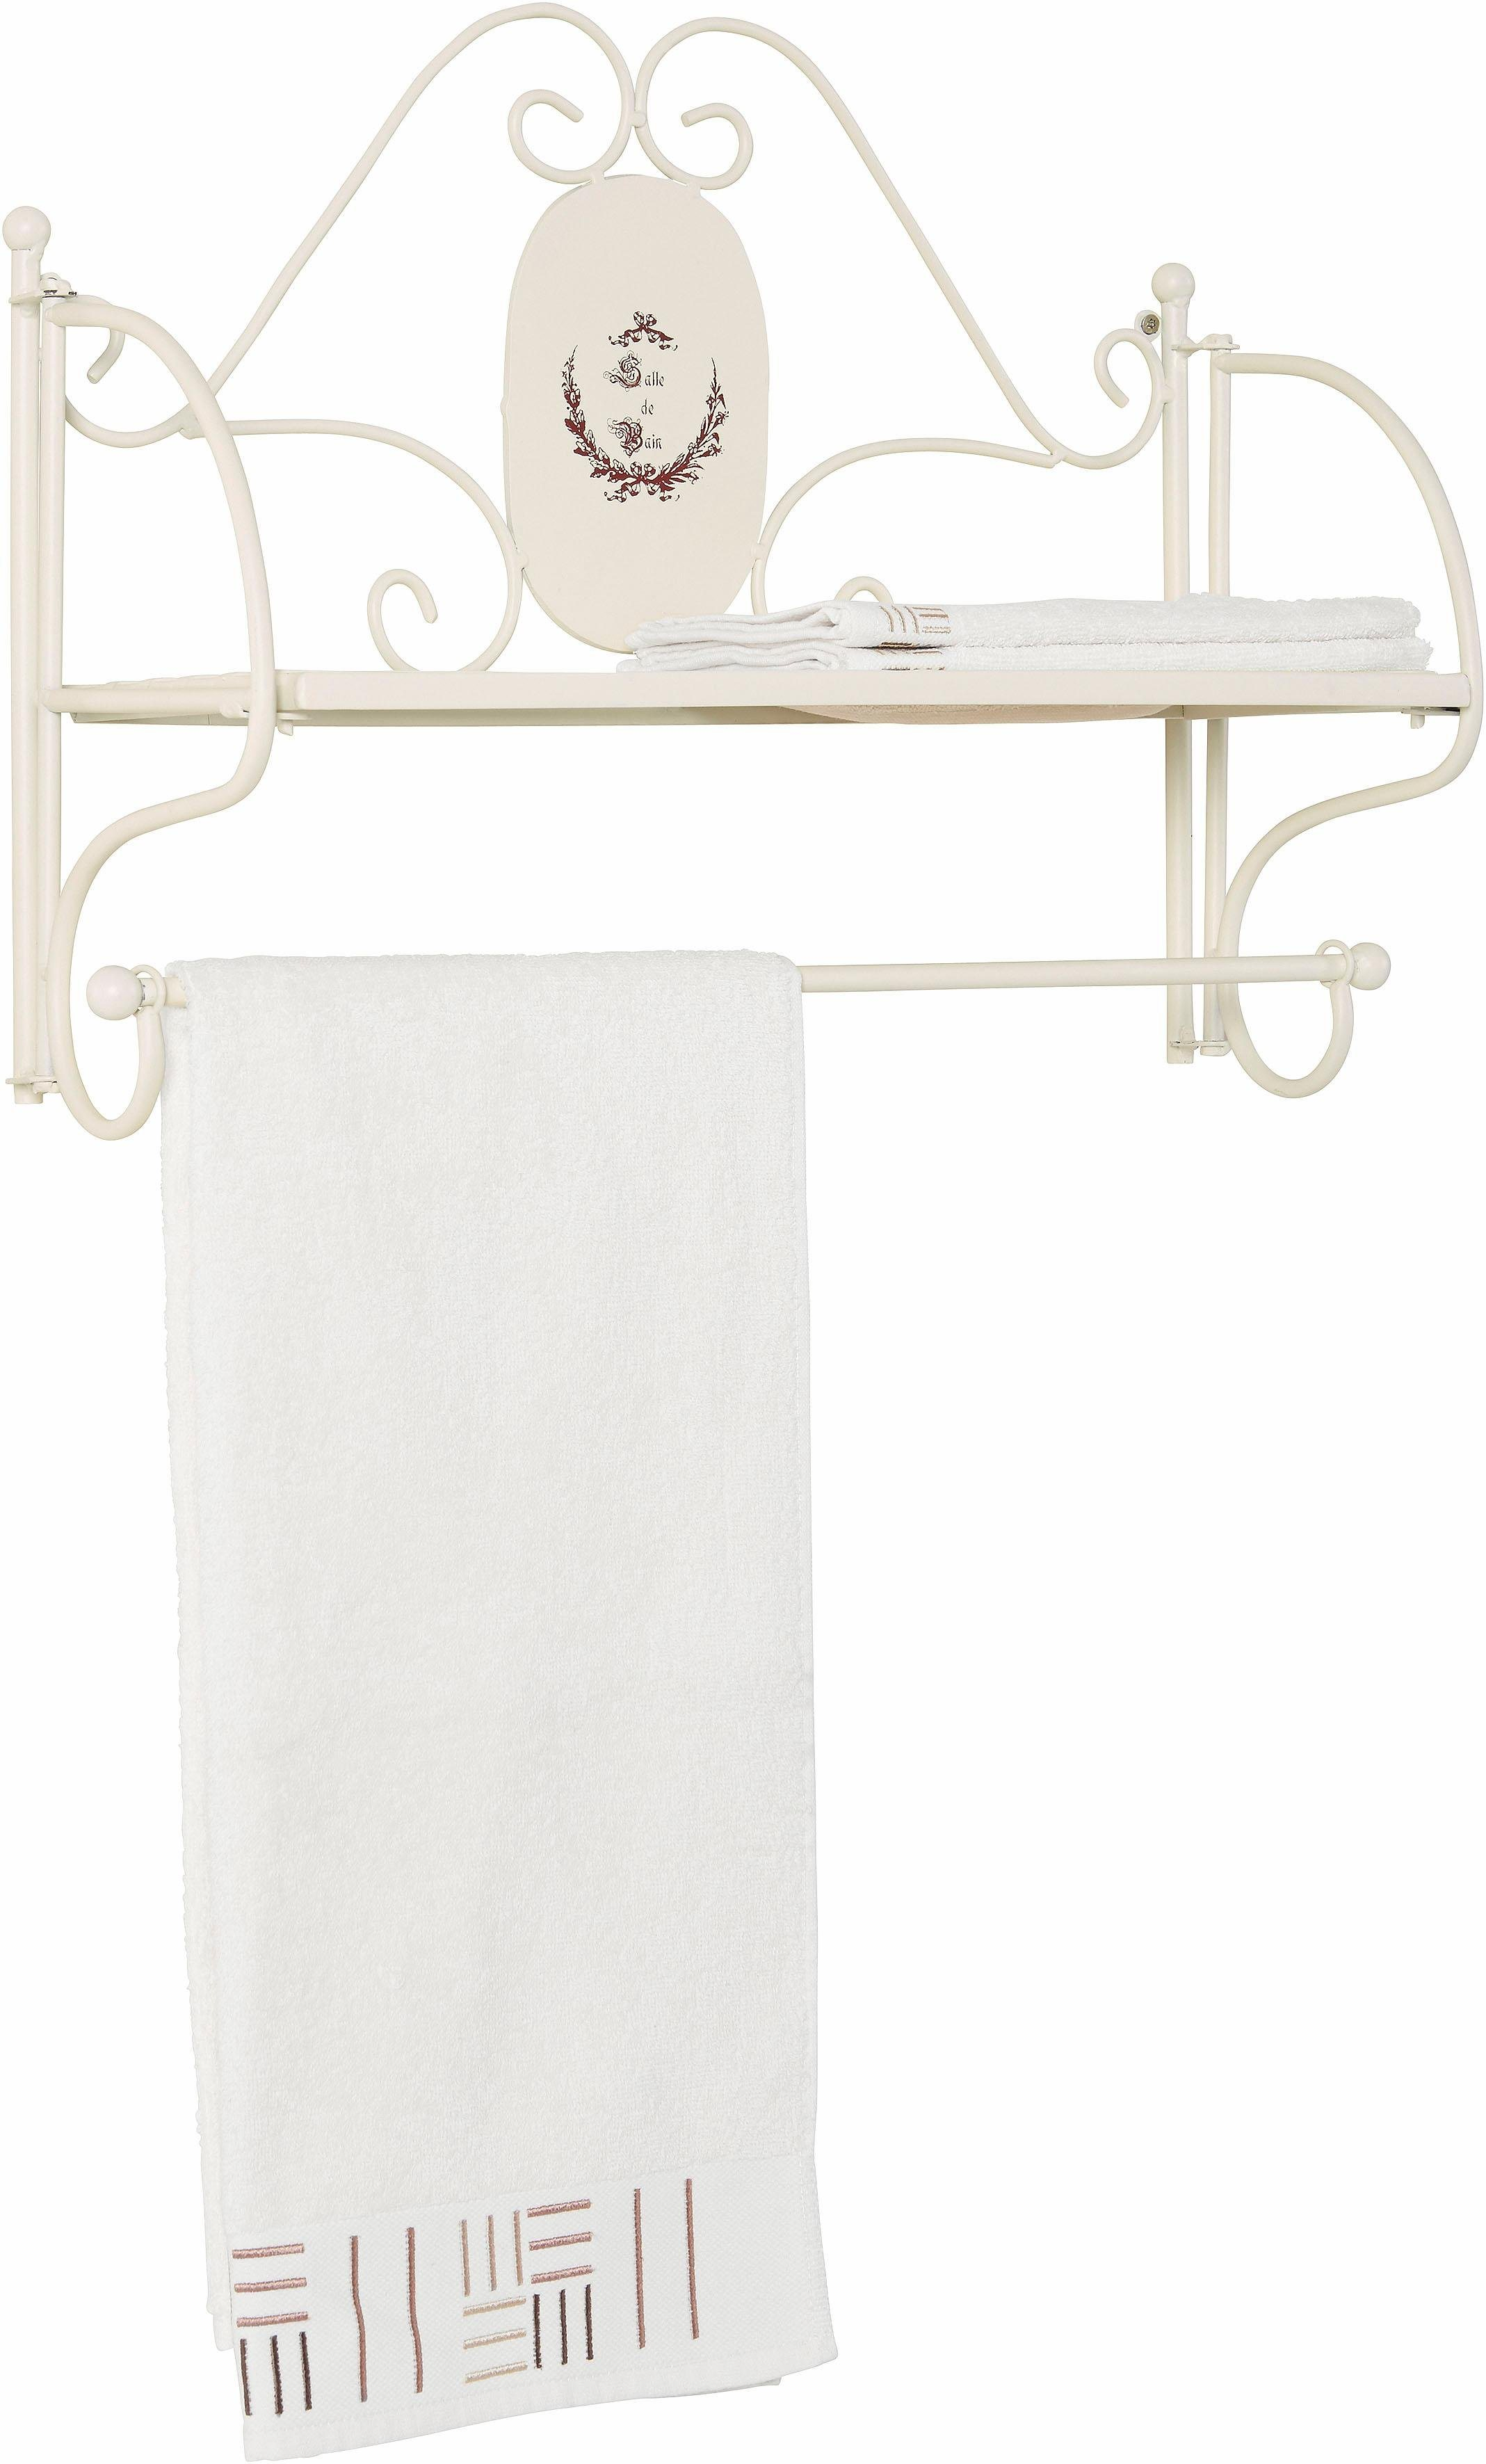 smedbo handtuchhalter preisvergleich die besten angebote. Black Bedroom Furniture Sets. Home Design Ideas